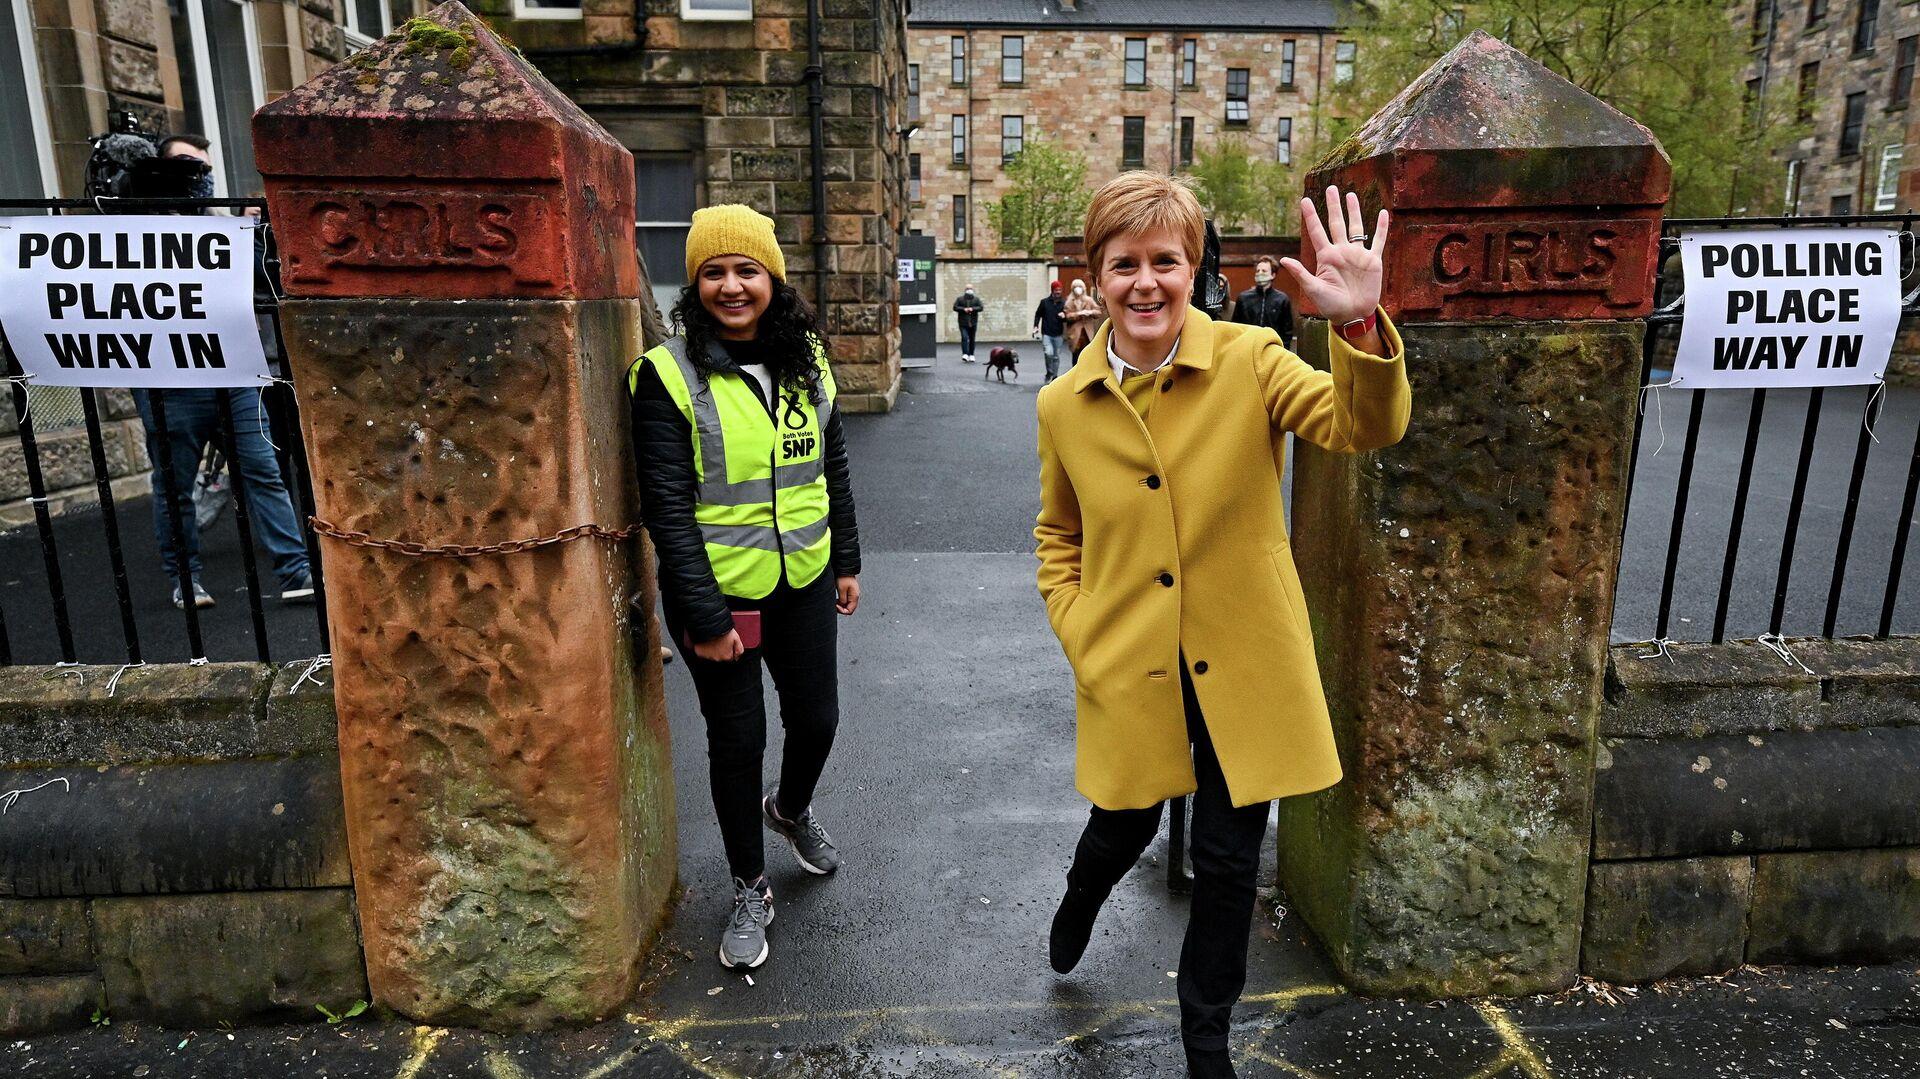 La primera ministra de Escocia, Nicola Sturgeon, acompaña a la candidata por el Partido Nacional Escocés (SNP), Rosa Salih, en las elecciones en Escocia, el 6 de mayo de 2021 - Sputnik Mundo, 1920, 06.05.2021